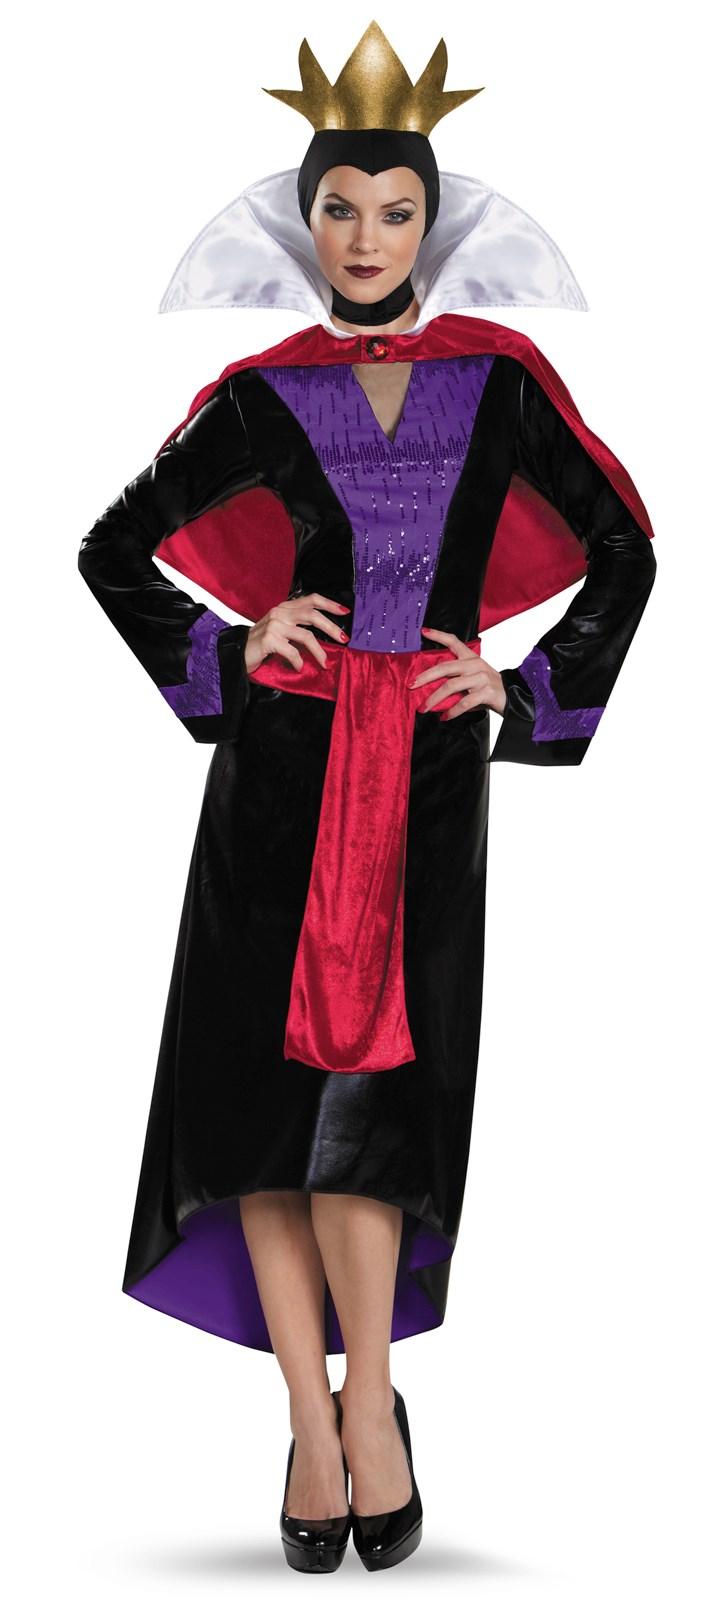 Disney evil queen deluxe costume for women - Evil queen disney ...